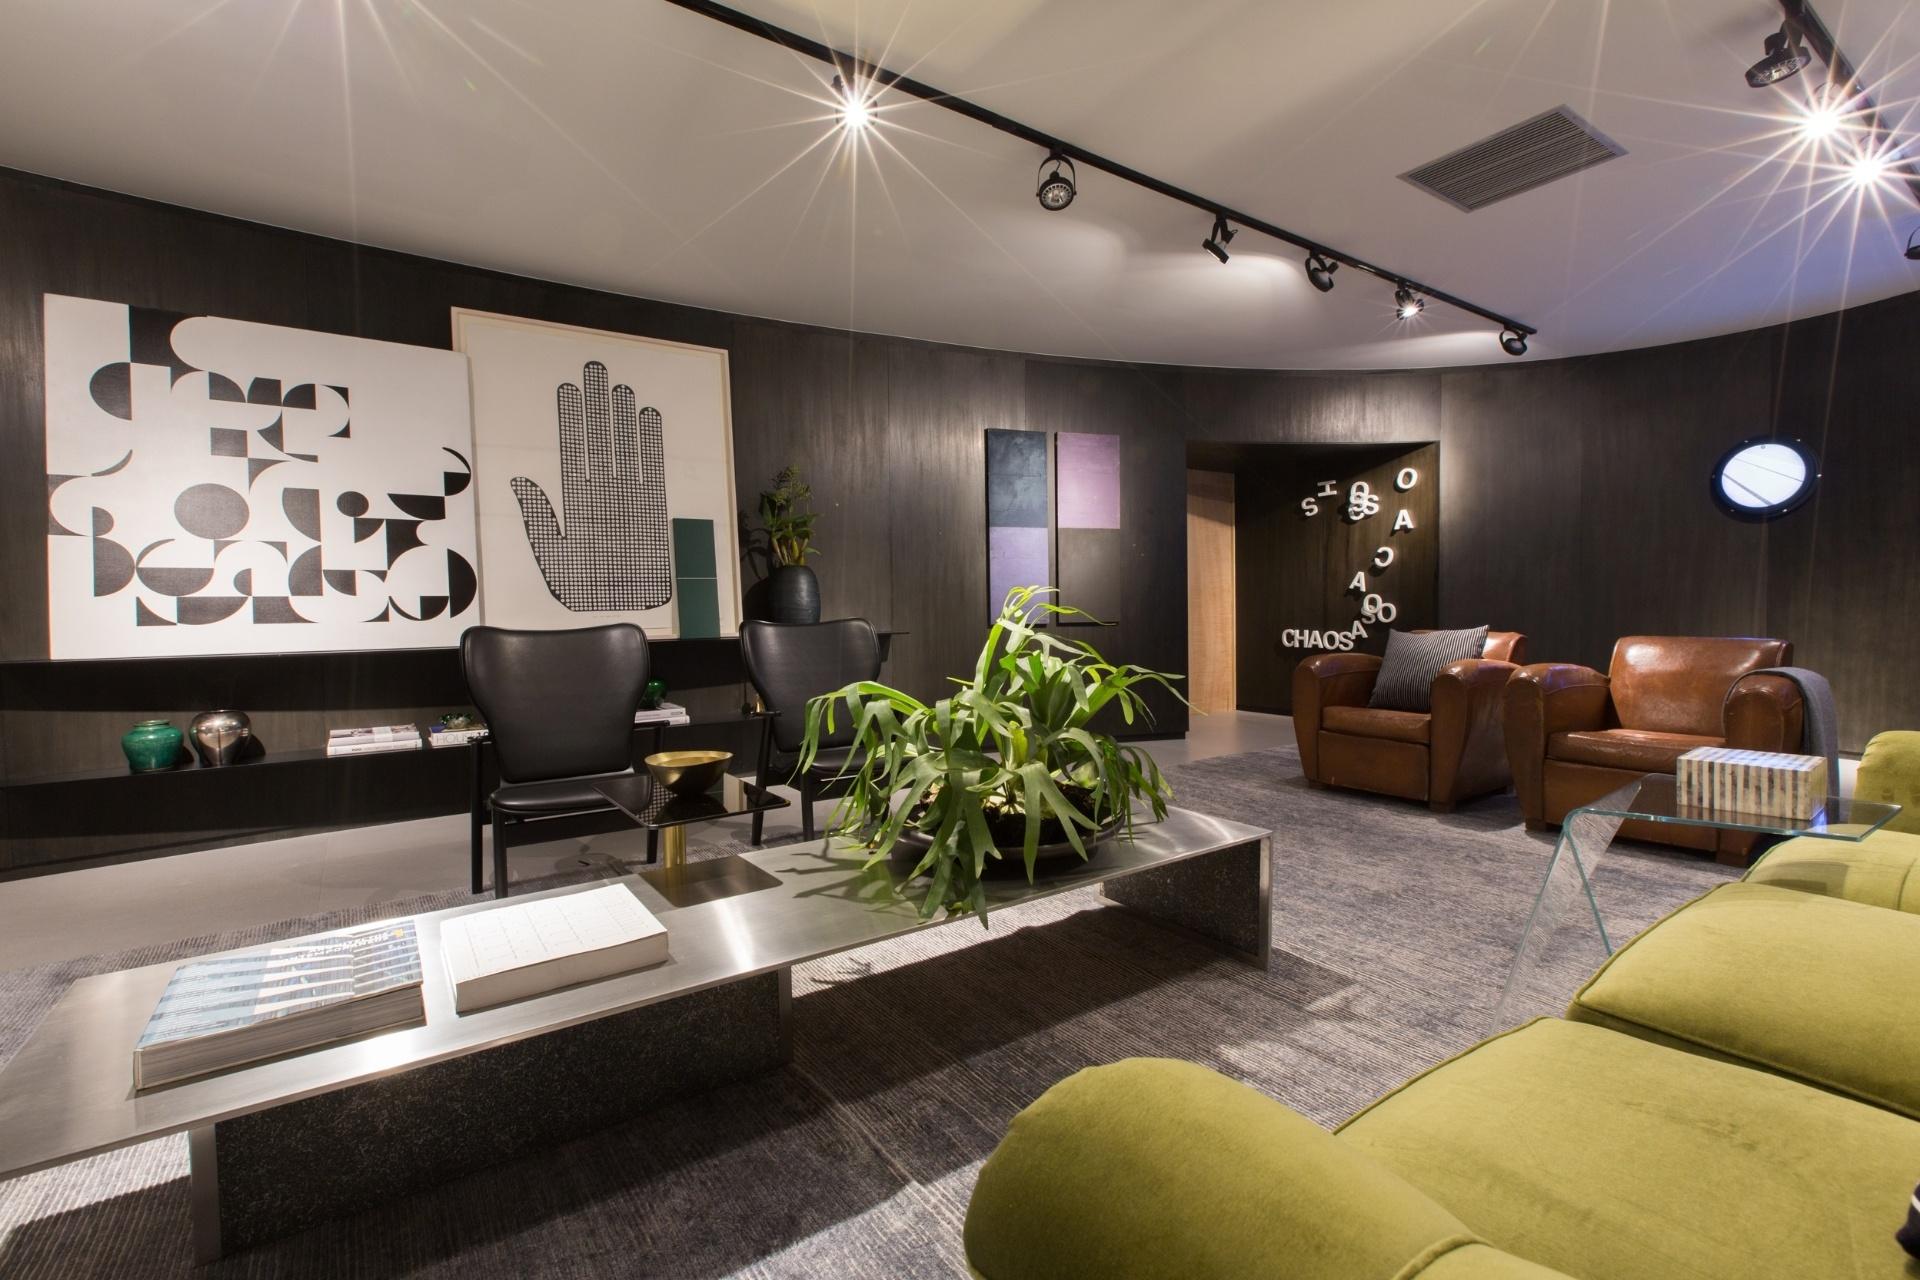 João Armentano combina peças de diferentes épocas com móveis contemporâneos para criar sua sala de estar. A mesa de centro em aço inox (Mekal) e as poltronas em couro exemplificam esse arranjo. Nas paredes, as obras de arte em tons claros criam contraste com o acabamento escuro. A Mostra Black fica em cartaz até dia 21 de junho de 2015, na Oca - pavilhão Lucas Nogueira Garcez, no Parque Ibirapuera, em São Paulo (SP)